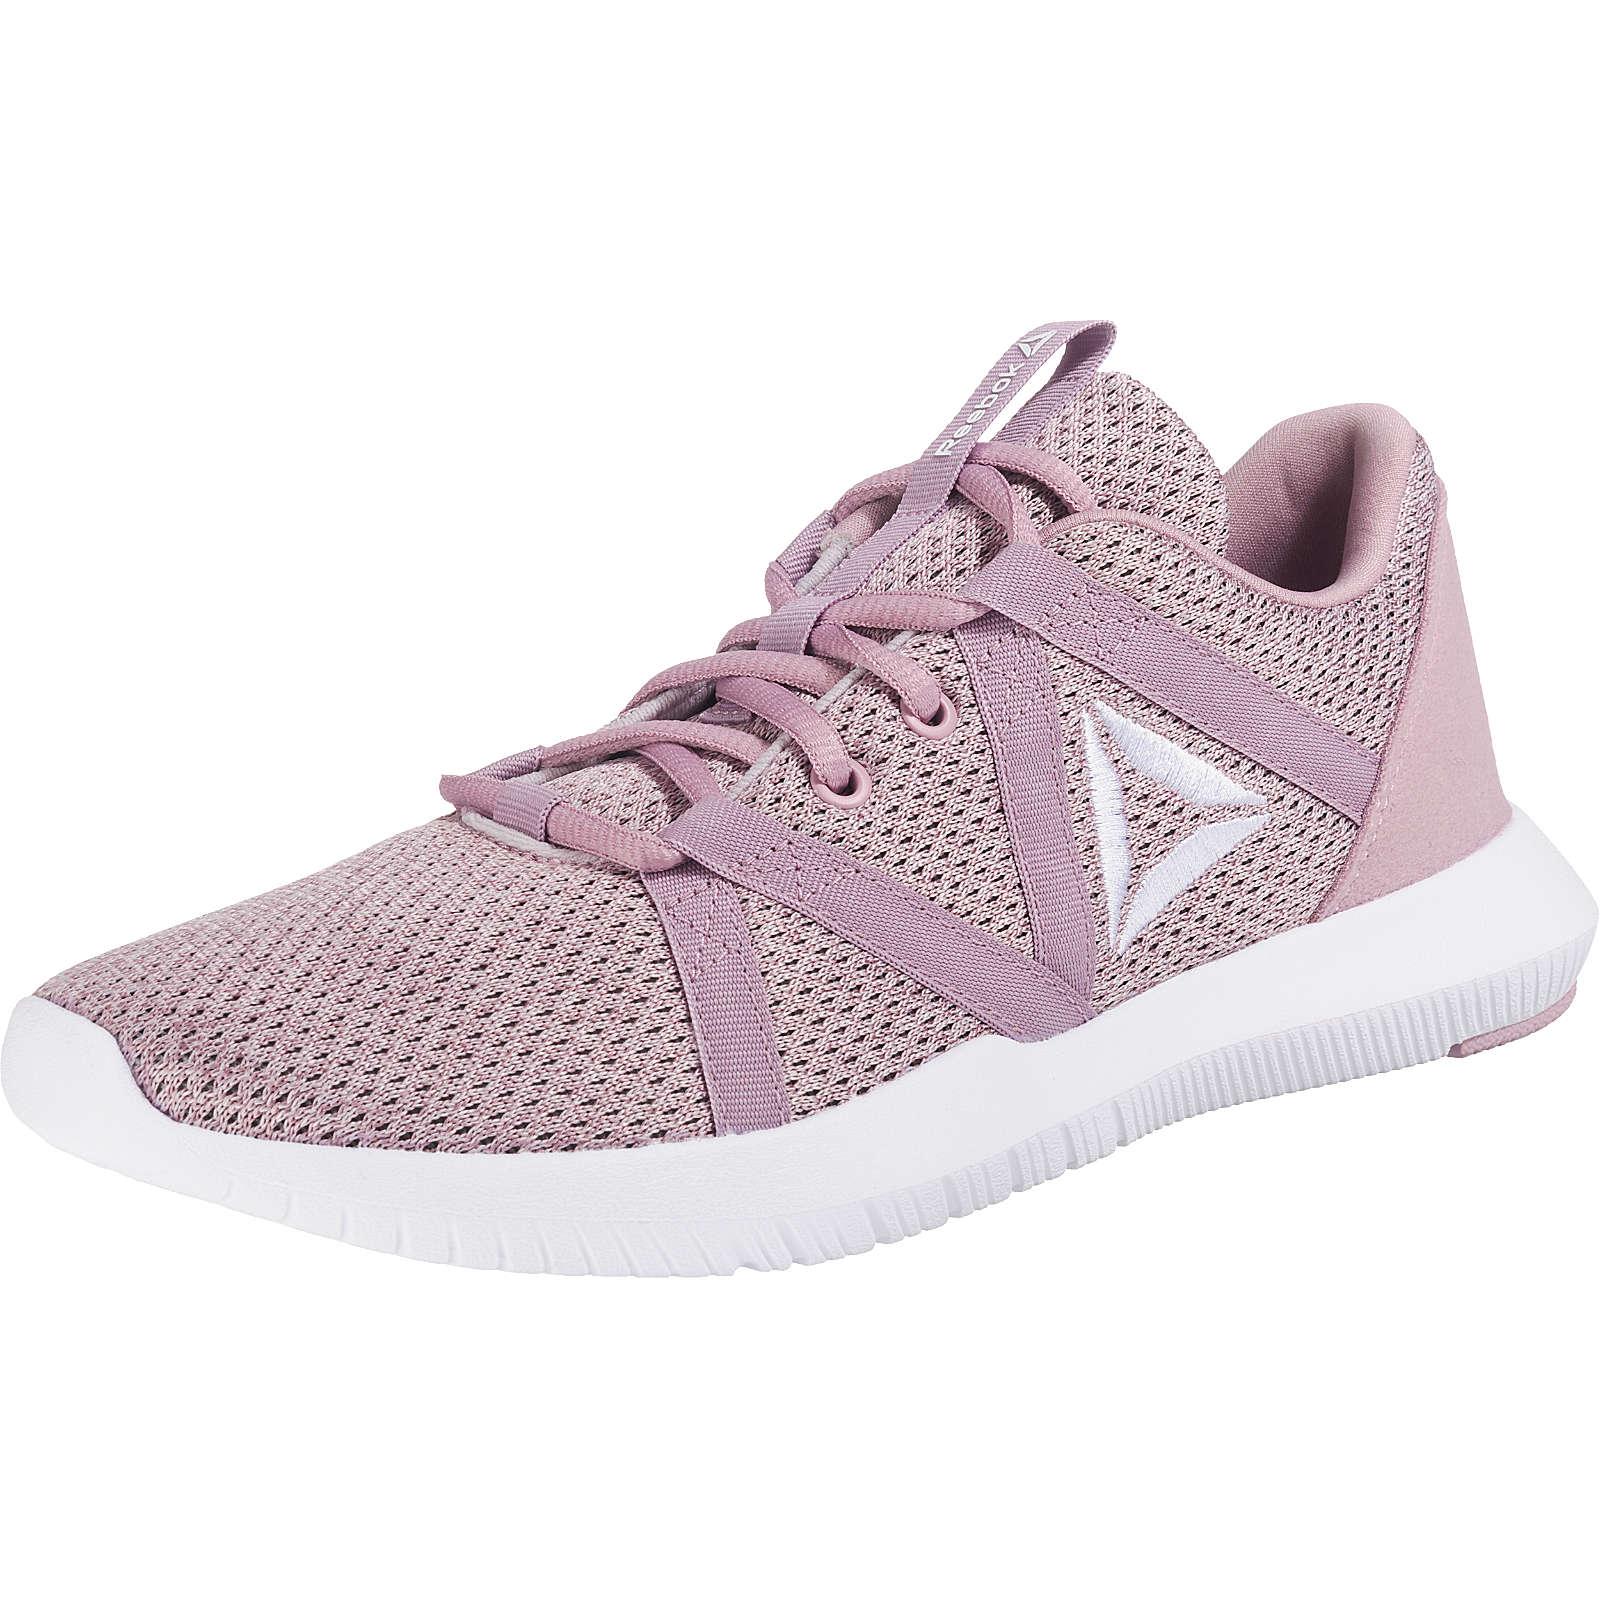 Reebok Reago Essential Sneakers Low flieder Damen Gr. 36